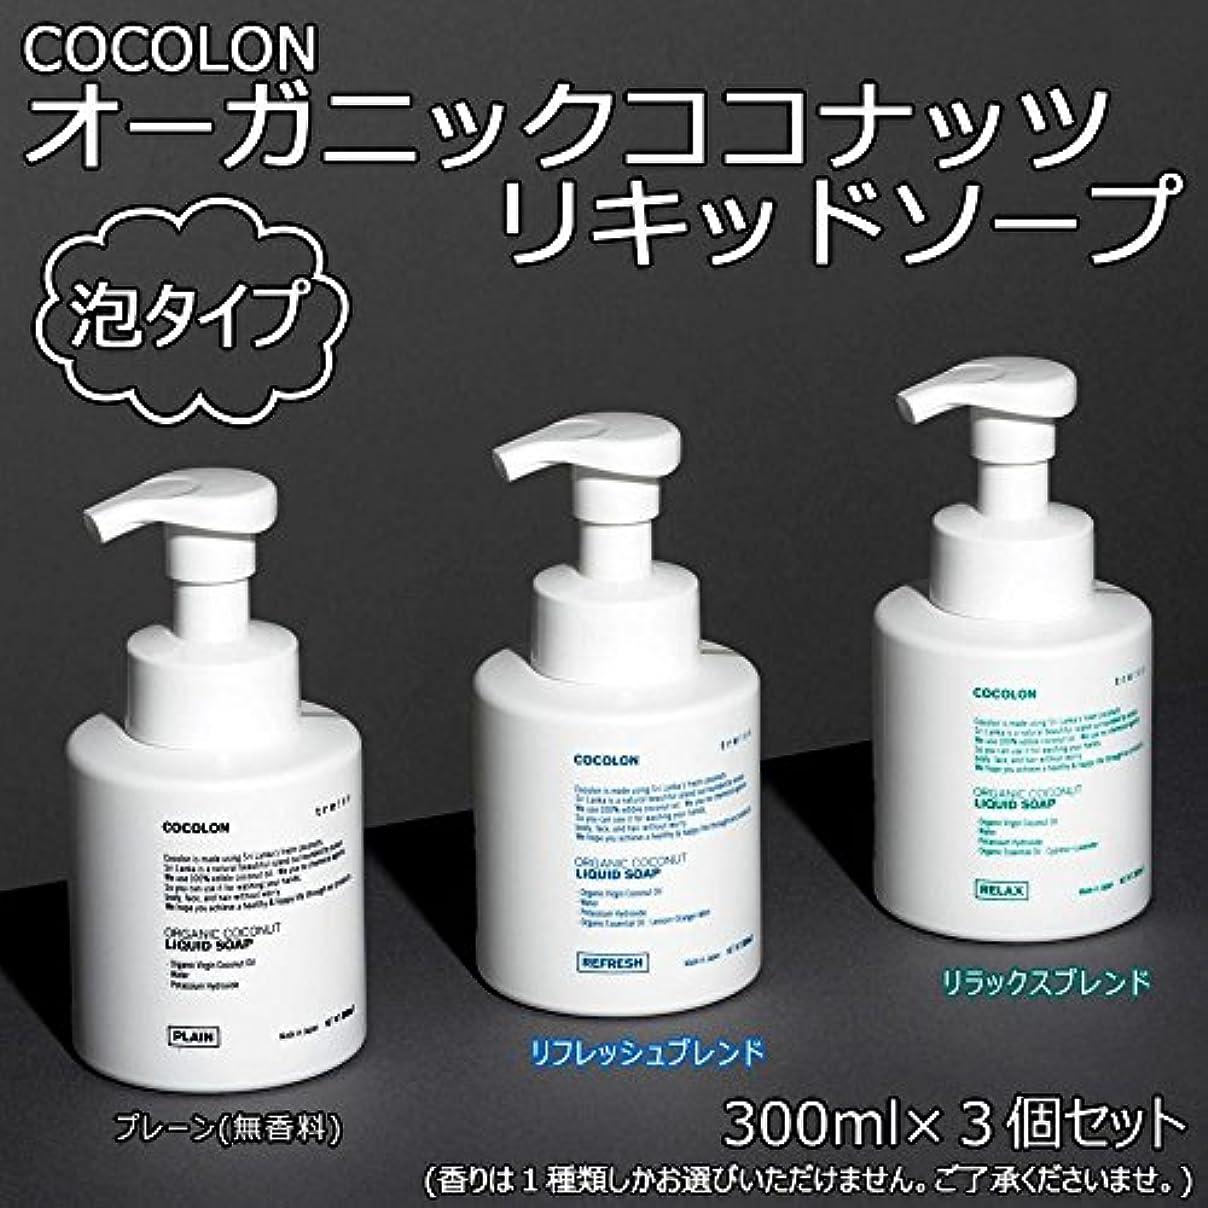 論理豊かな食器棚COCOLON ココロン オーガニックココナッツリキッドソープ 泡タイプ 300ml 3個セット【同梱?代引不可】 ■3種類の内「リフレッシュブレンド」のみです